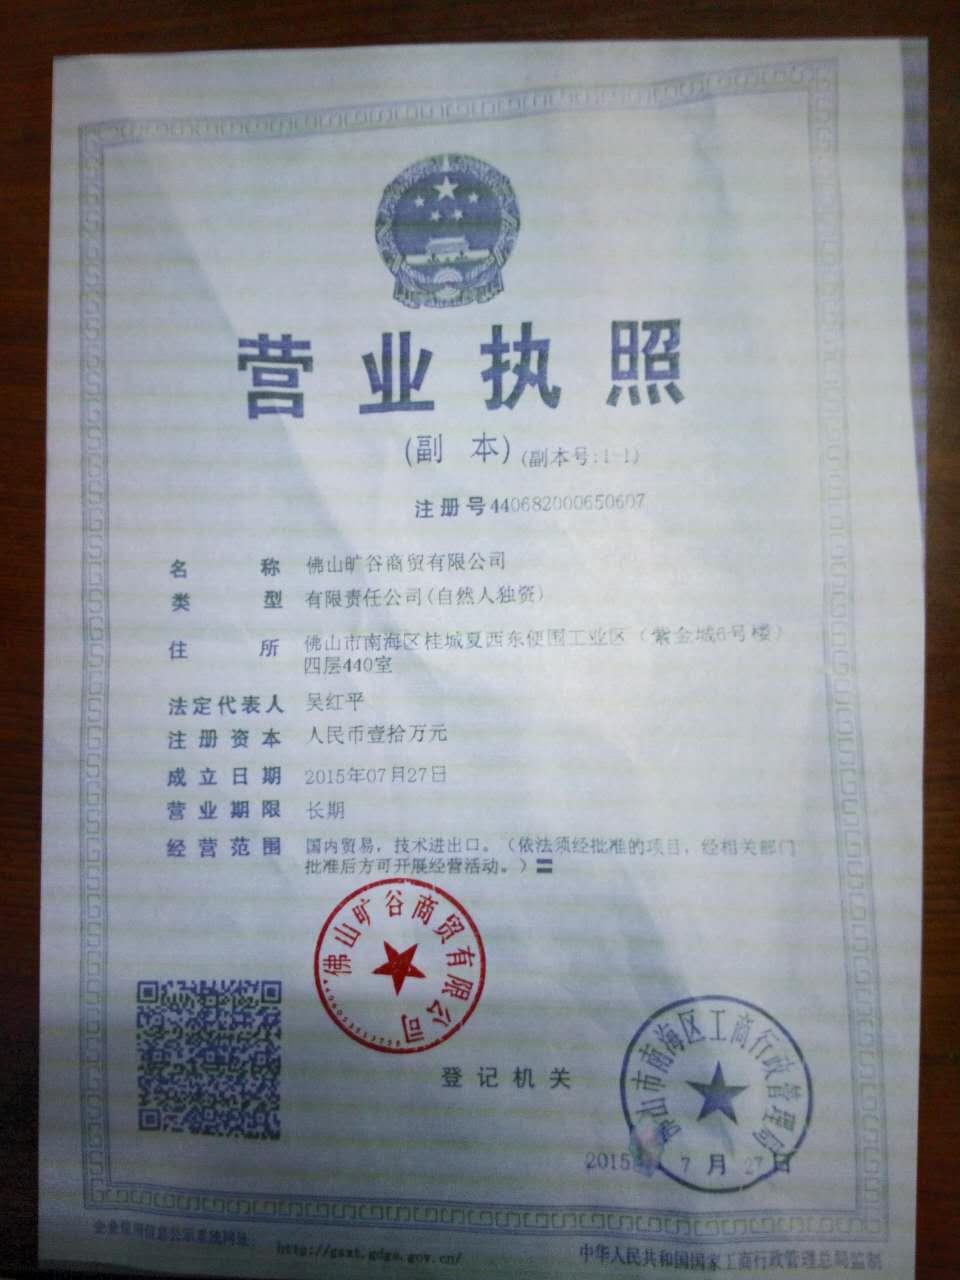 佛山旷谷商贸有限公司企业档案